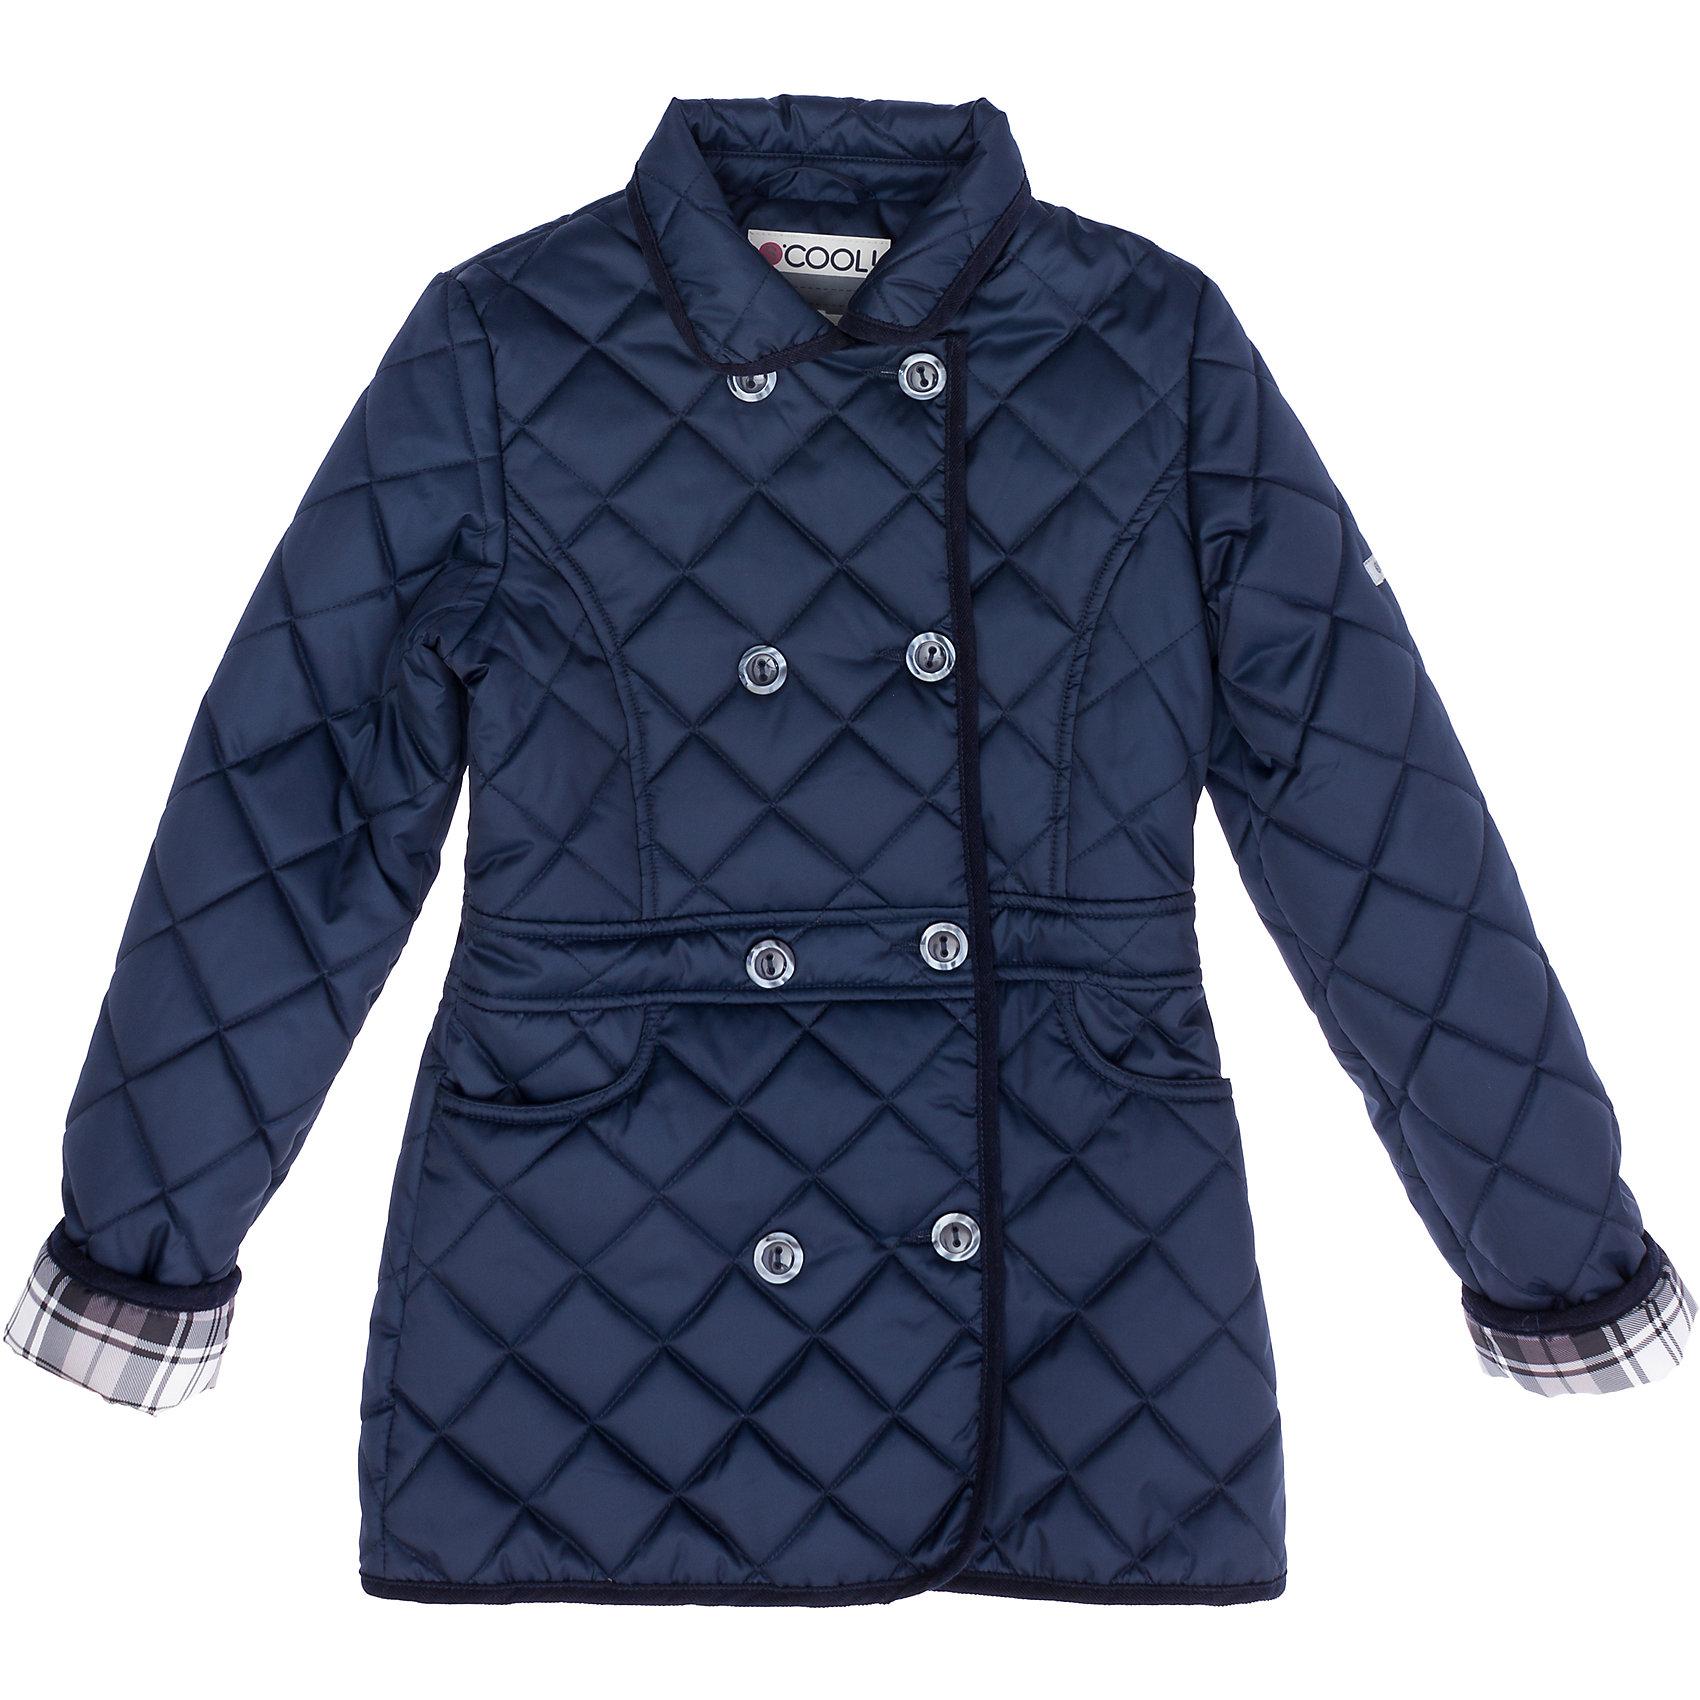 Куртка для девочки ScoolВерхняя одежда<br>Куртка для девочки от известного бренда Scool<br>Состав:<br>Верх: 100% полиэстер, Подкладка: 100% полиэстер, Наполнитель: 100% полиэстер, 100 г/м2<br>Легкая стеганая куртка для теплой осени. Застегивается на пуговицы, внутри подкладка из таффеты в клетку. Есть два глубоких кармана.<br><br>Ширина мм: 356<br>Глубина мм: 10<br>Высота мм: 245<br>Вес г: 519<br>Цвет: полуночно-синий<br>Возраст от месяцев: 72<br>Возраст до месяцев: 84<br>Пол: Женский<br>Возраст: Детский<br>Размер: 122,134,164,146,158,152,140,128<br>SKU: 4686883